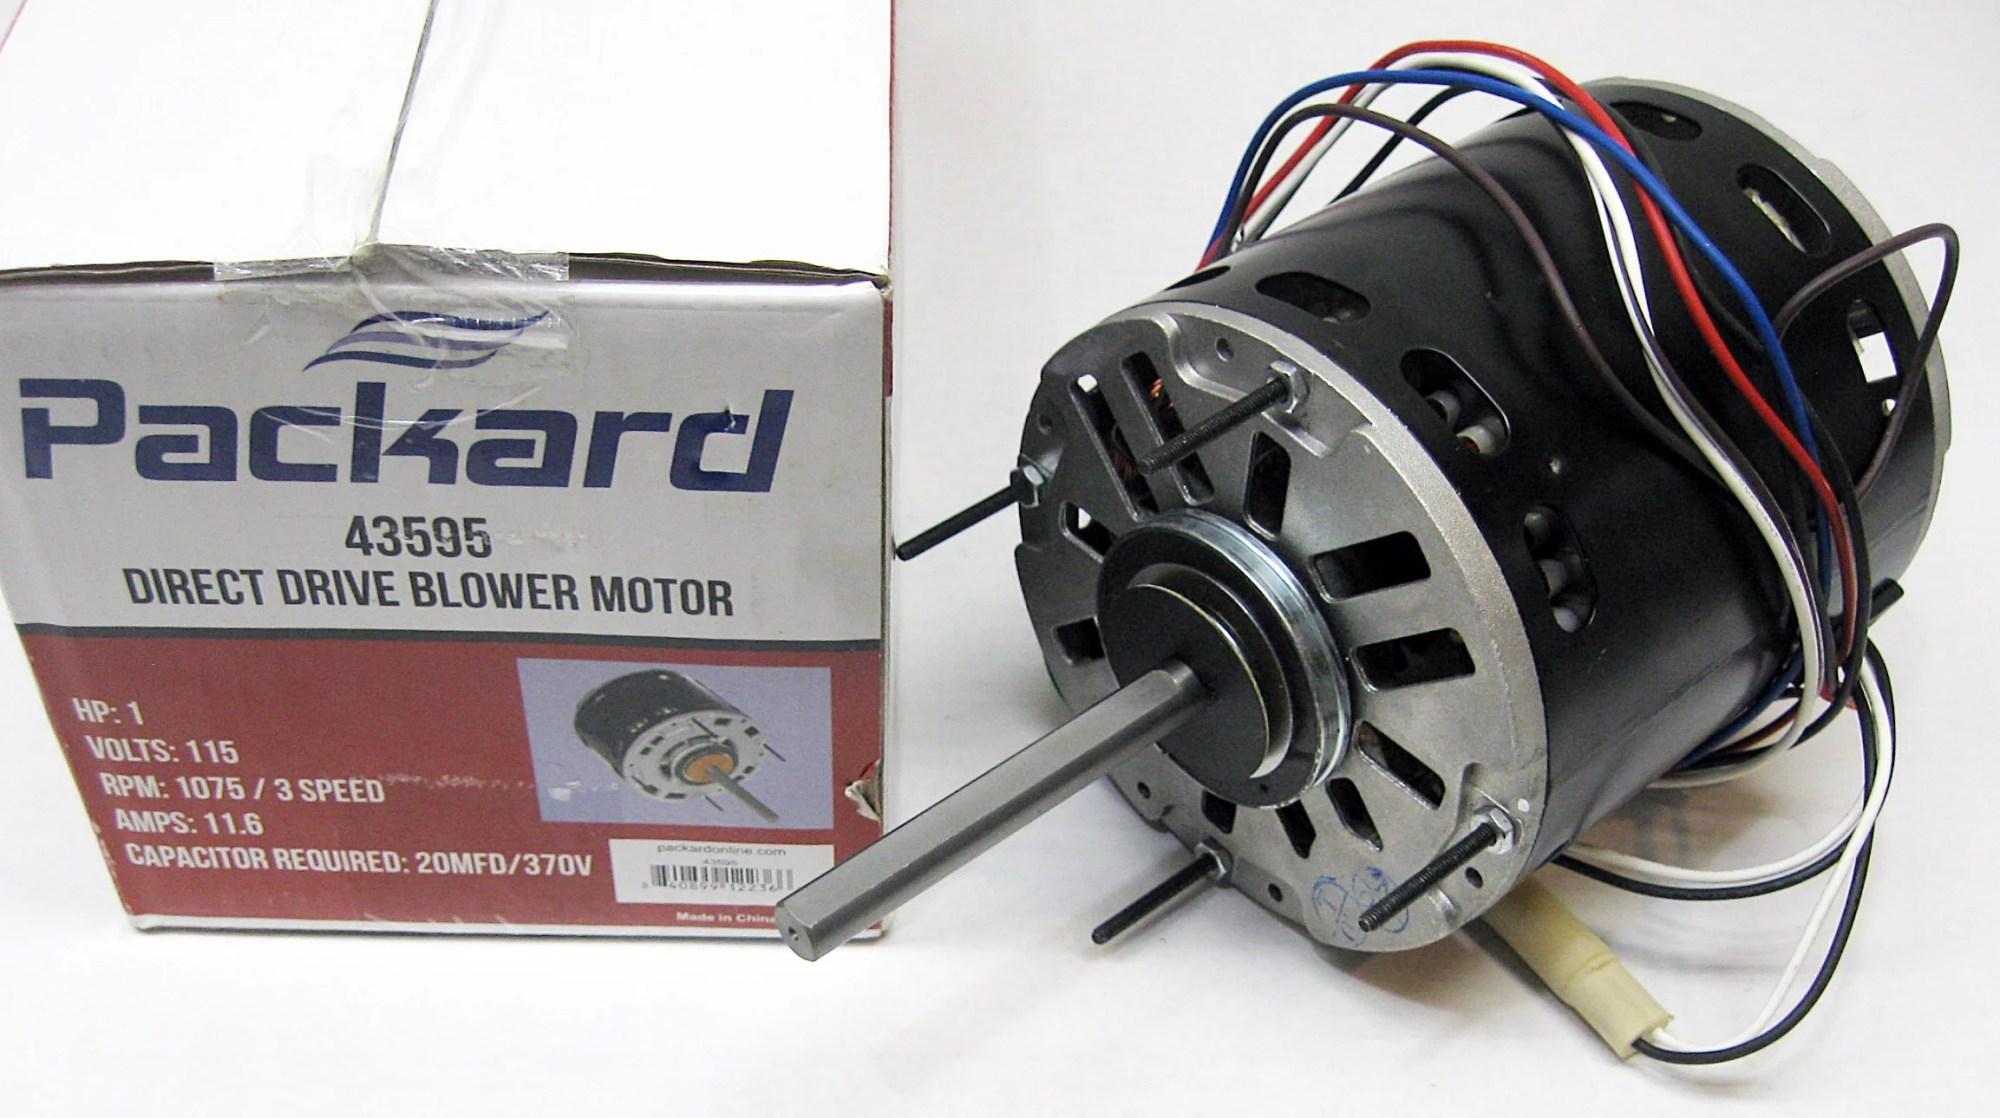 hight resolution of 3 speed furnace blower fan motor packard 43595 1 hp 1075 rpm 115 volt 48 frame walmart com